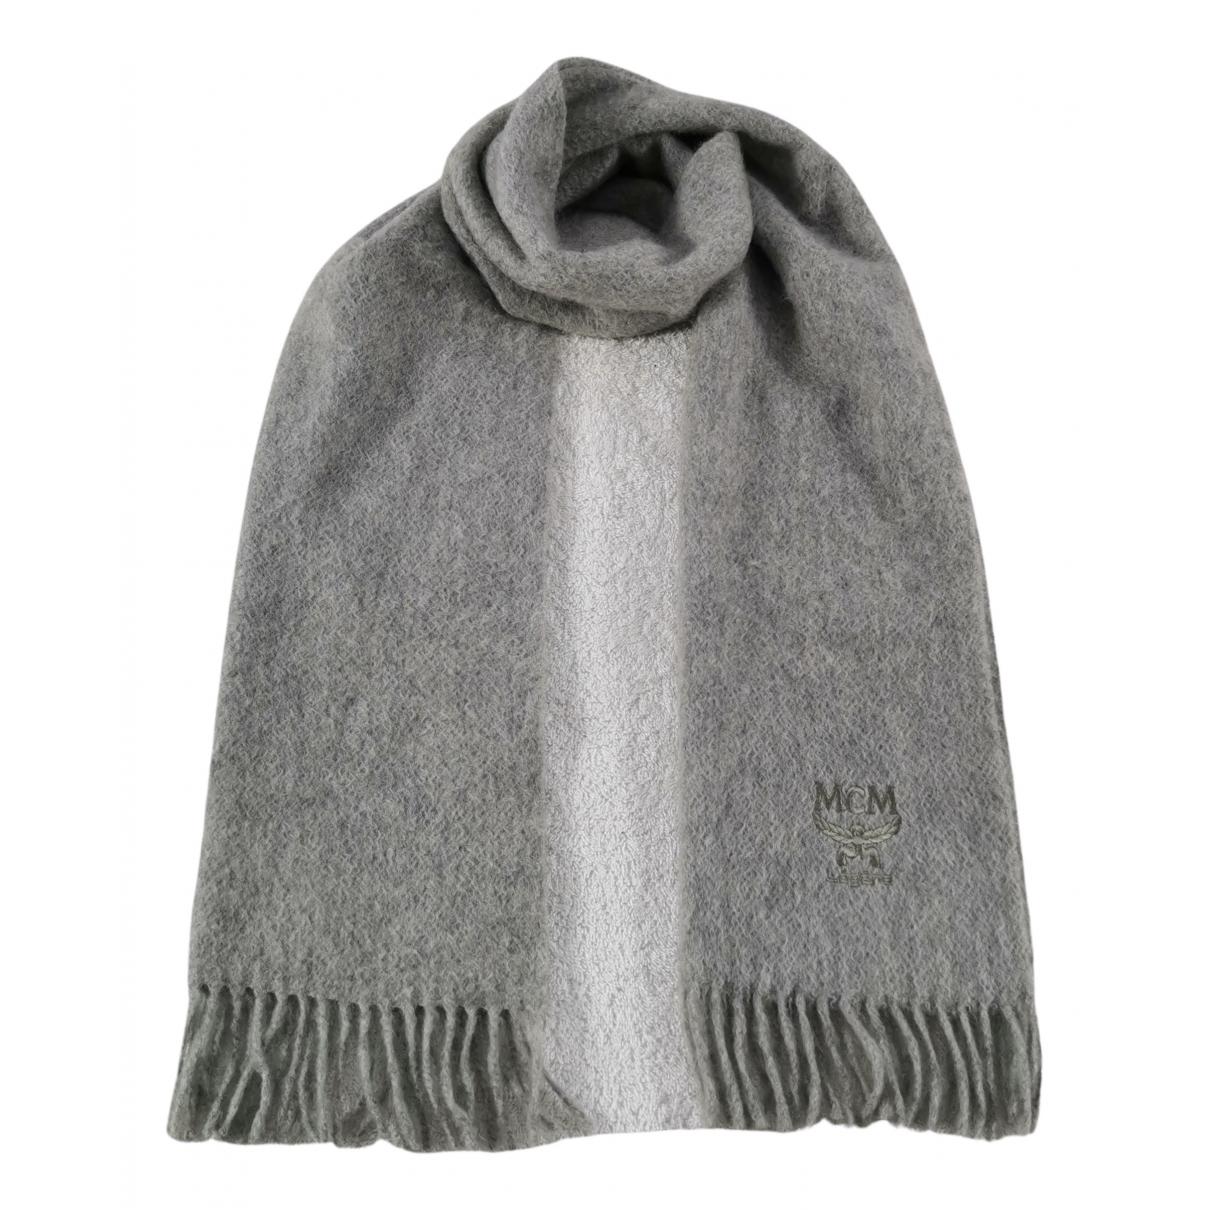 Mcm - Foulard   pour femme en laine - gris